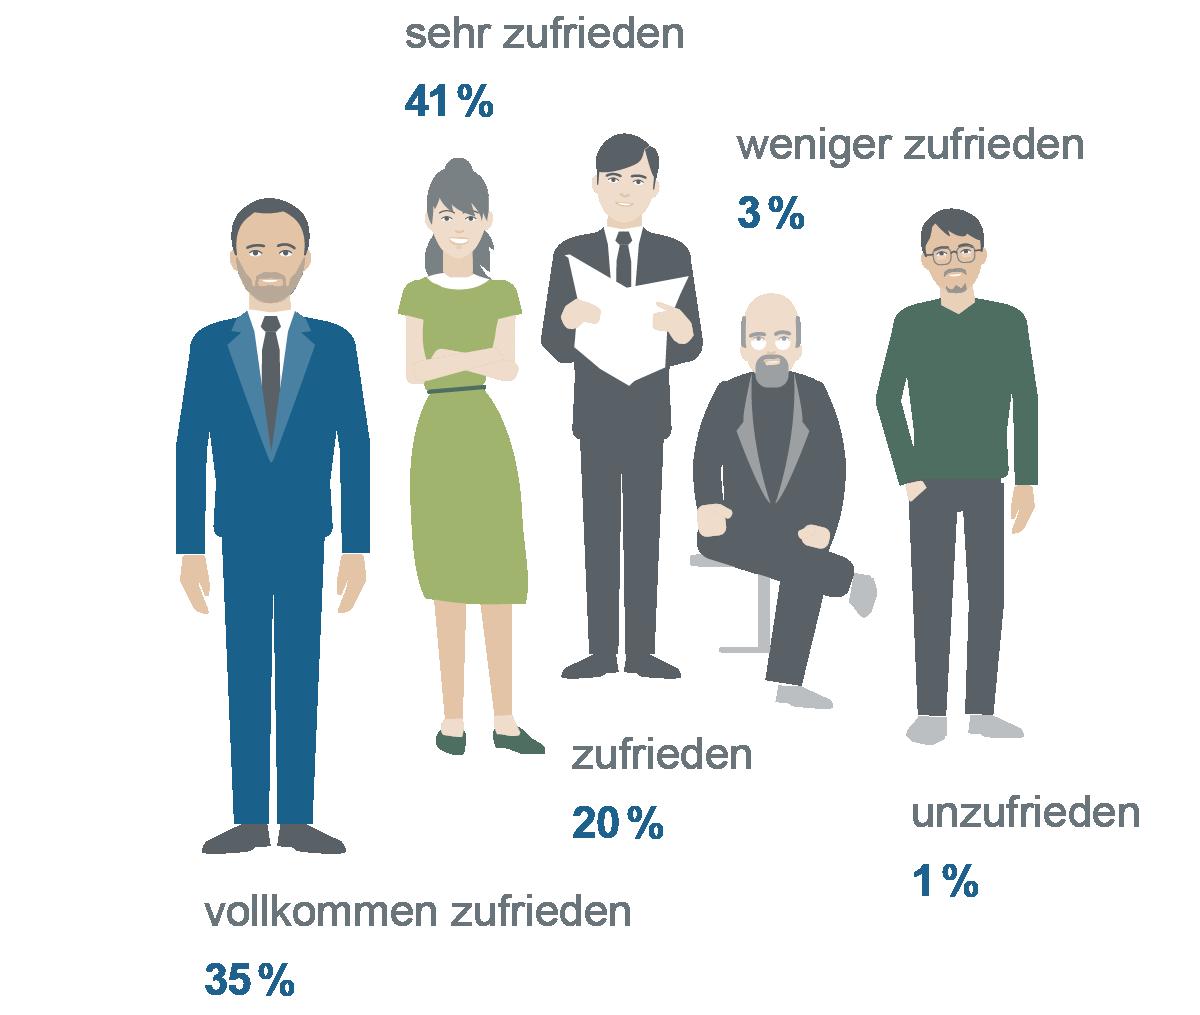 Illustrative Darstellung von exemplarischen KfW-Kunden mit prozentualer Angabe der Zufriedenheit